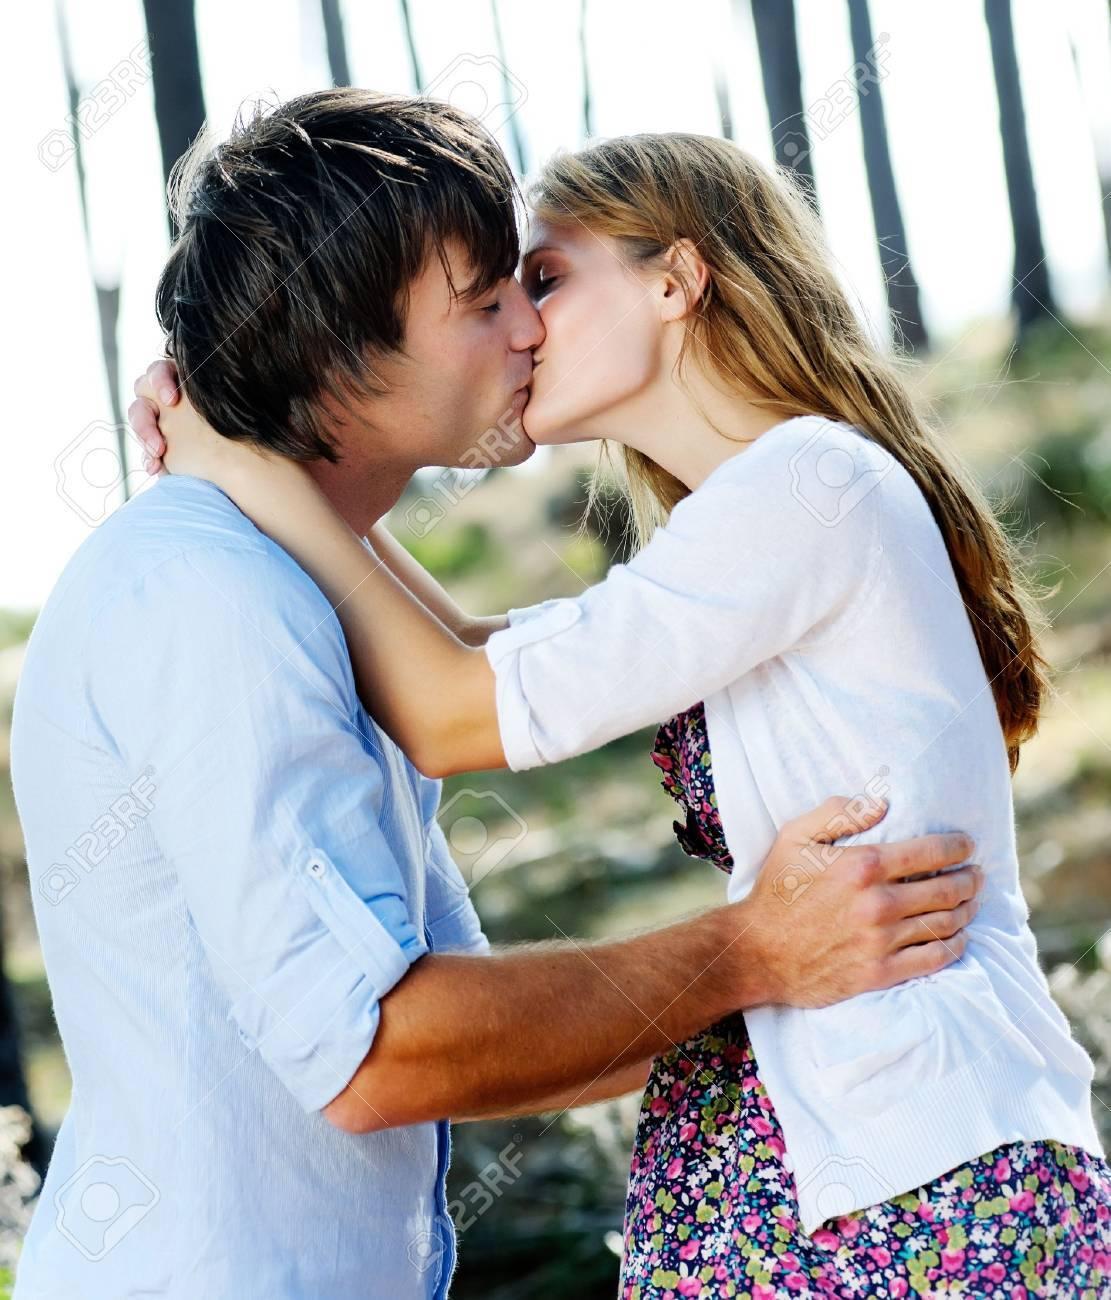 Couple Qui S Embrasse beaux jeunes à l'extérieur couple s'embrasse dans la forêt, de l